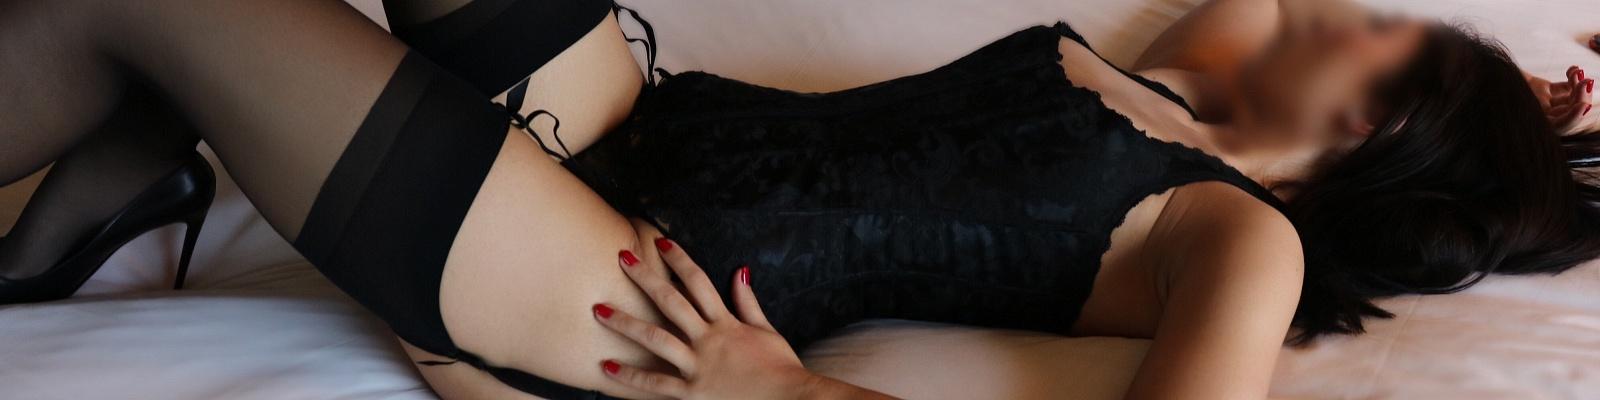 Carmen Paige's Cover Photo